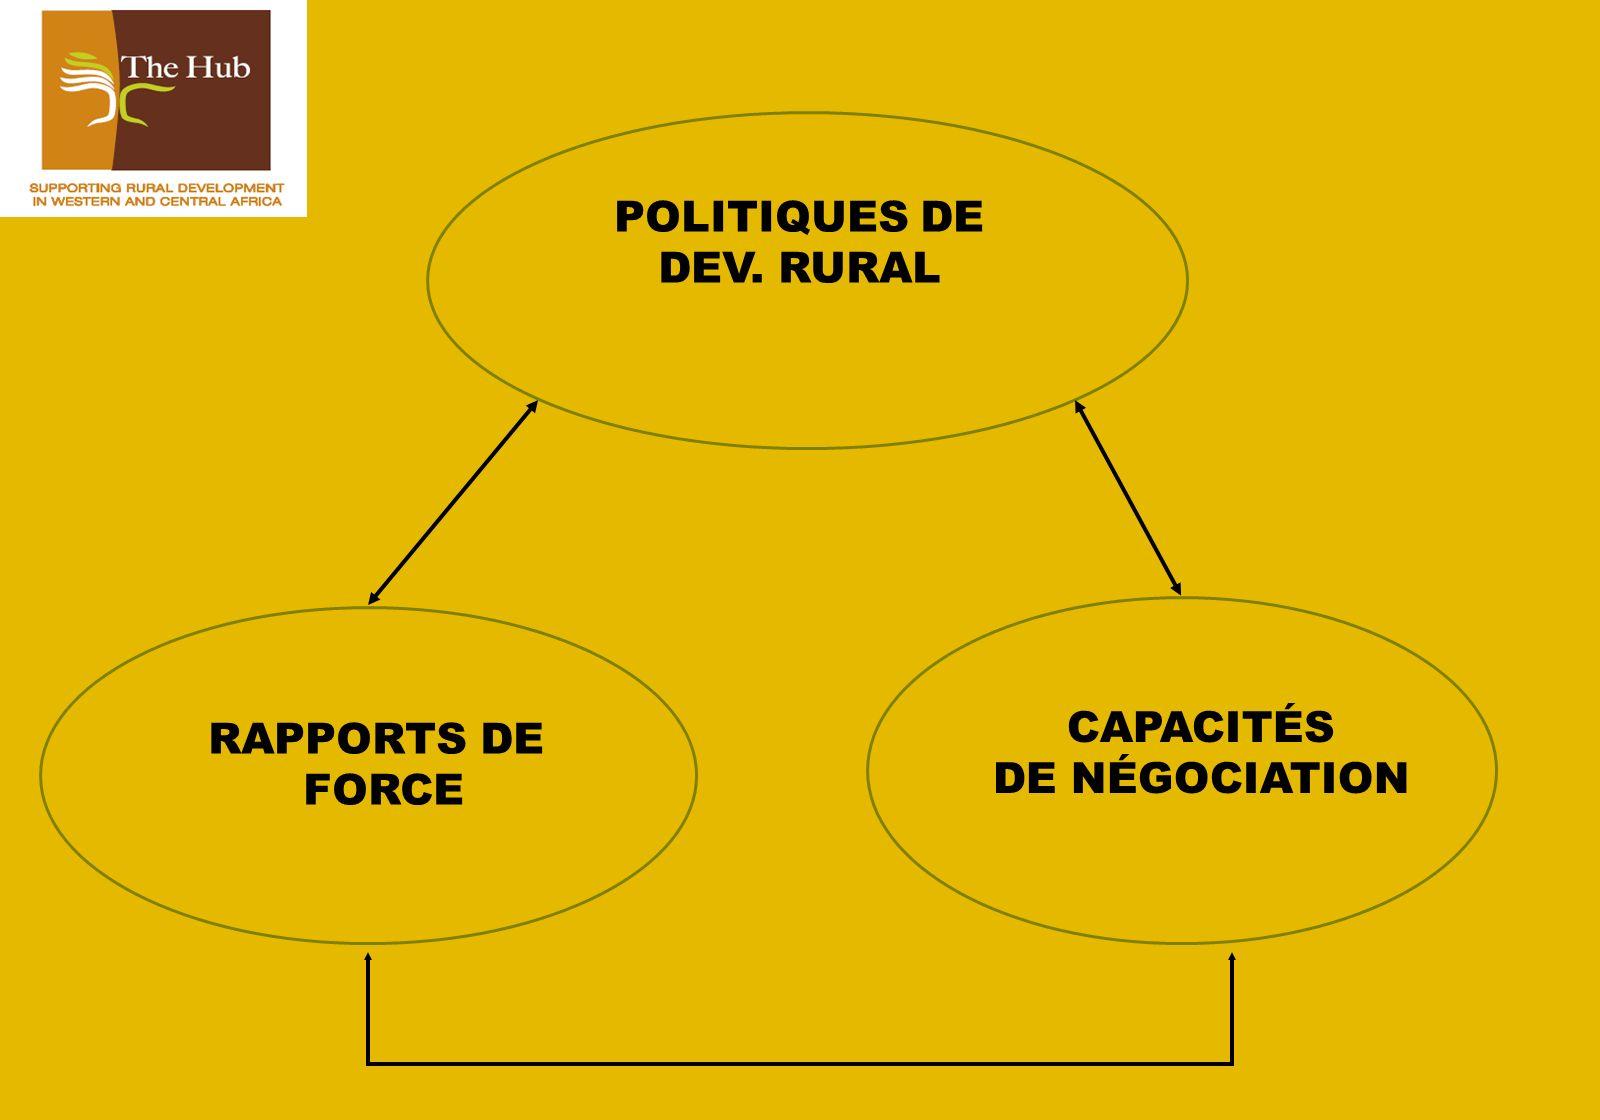 POLITIQUES DE DEV. RURAL CAPACITÉS DE NÉGOCIATION RAPPORTS DE FORCE